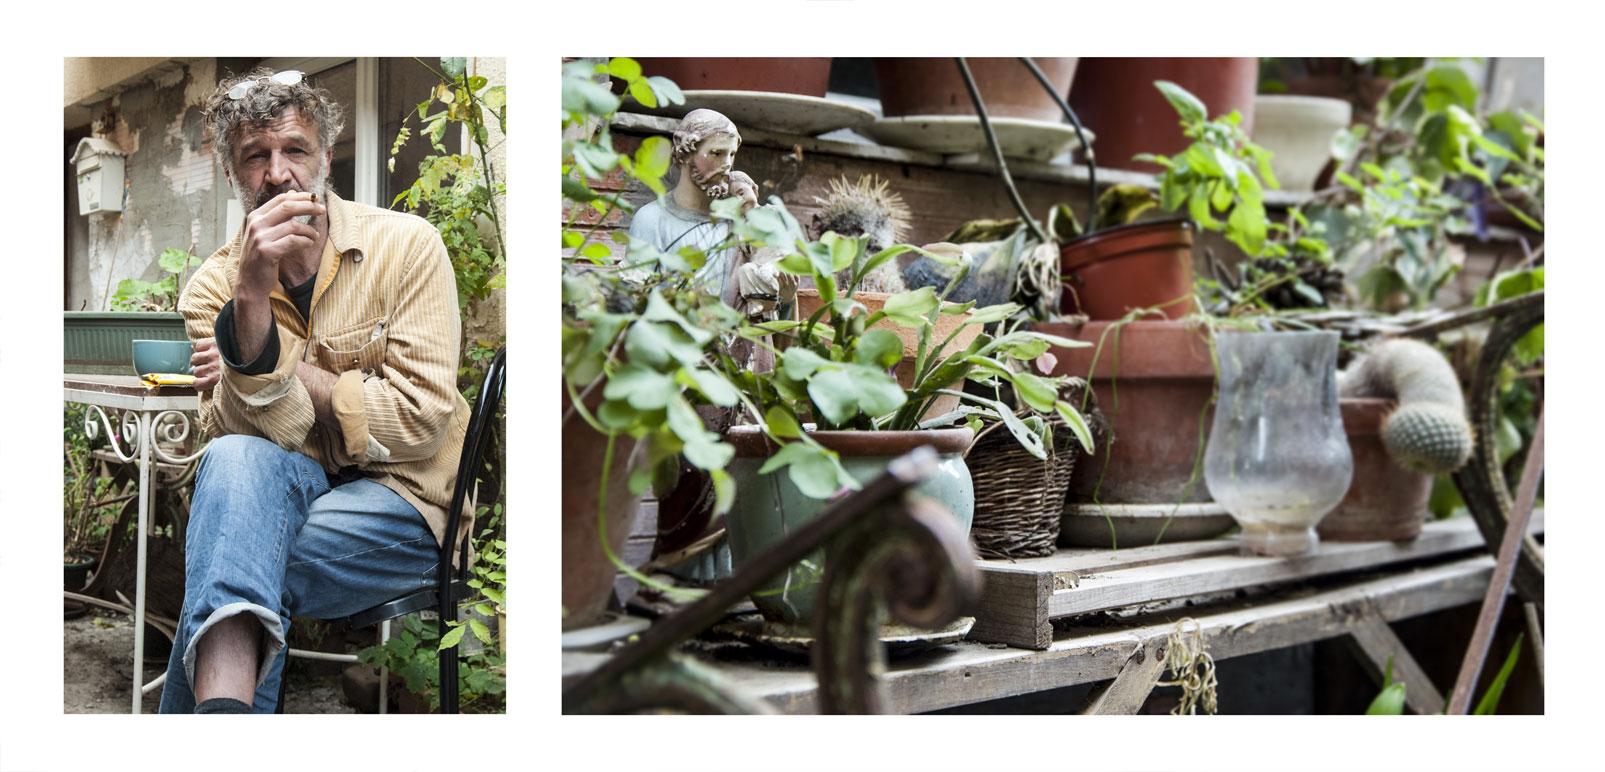 Mes voisins - Portrait photographique